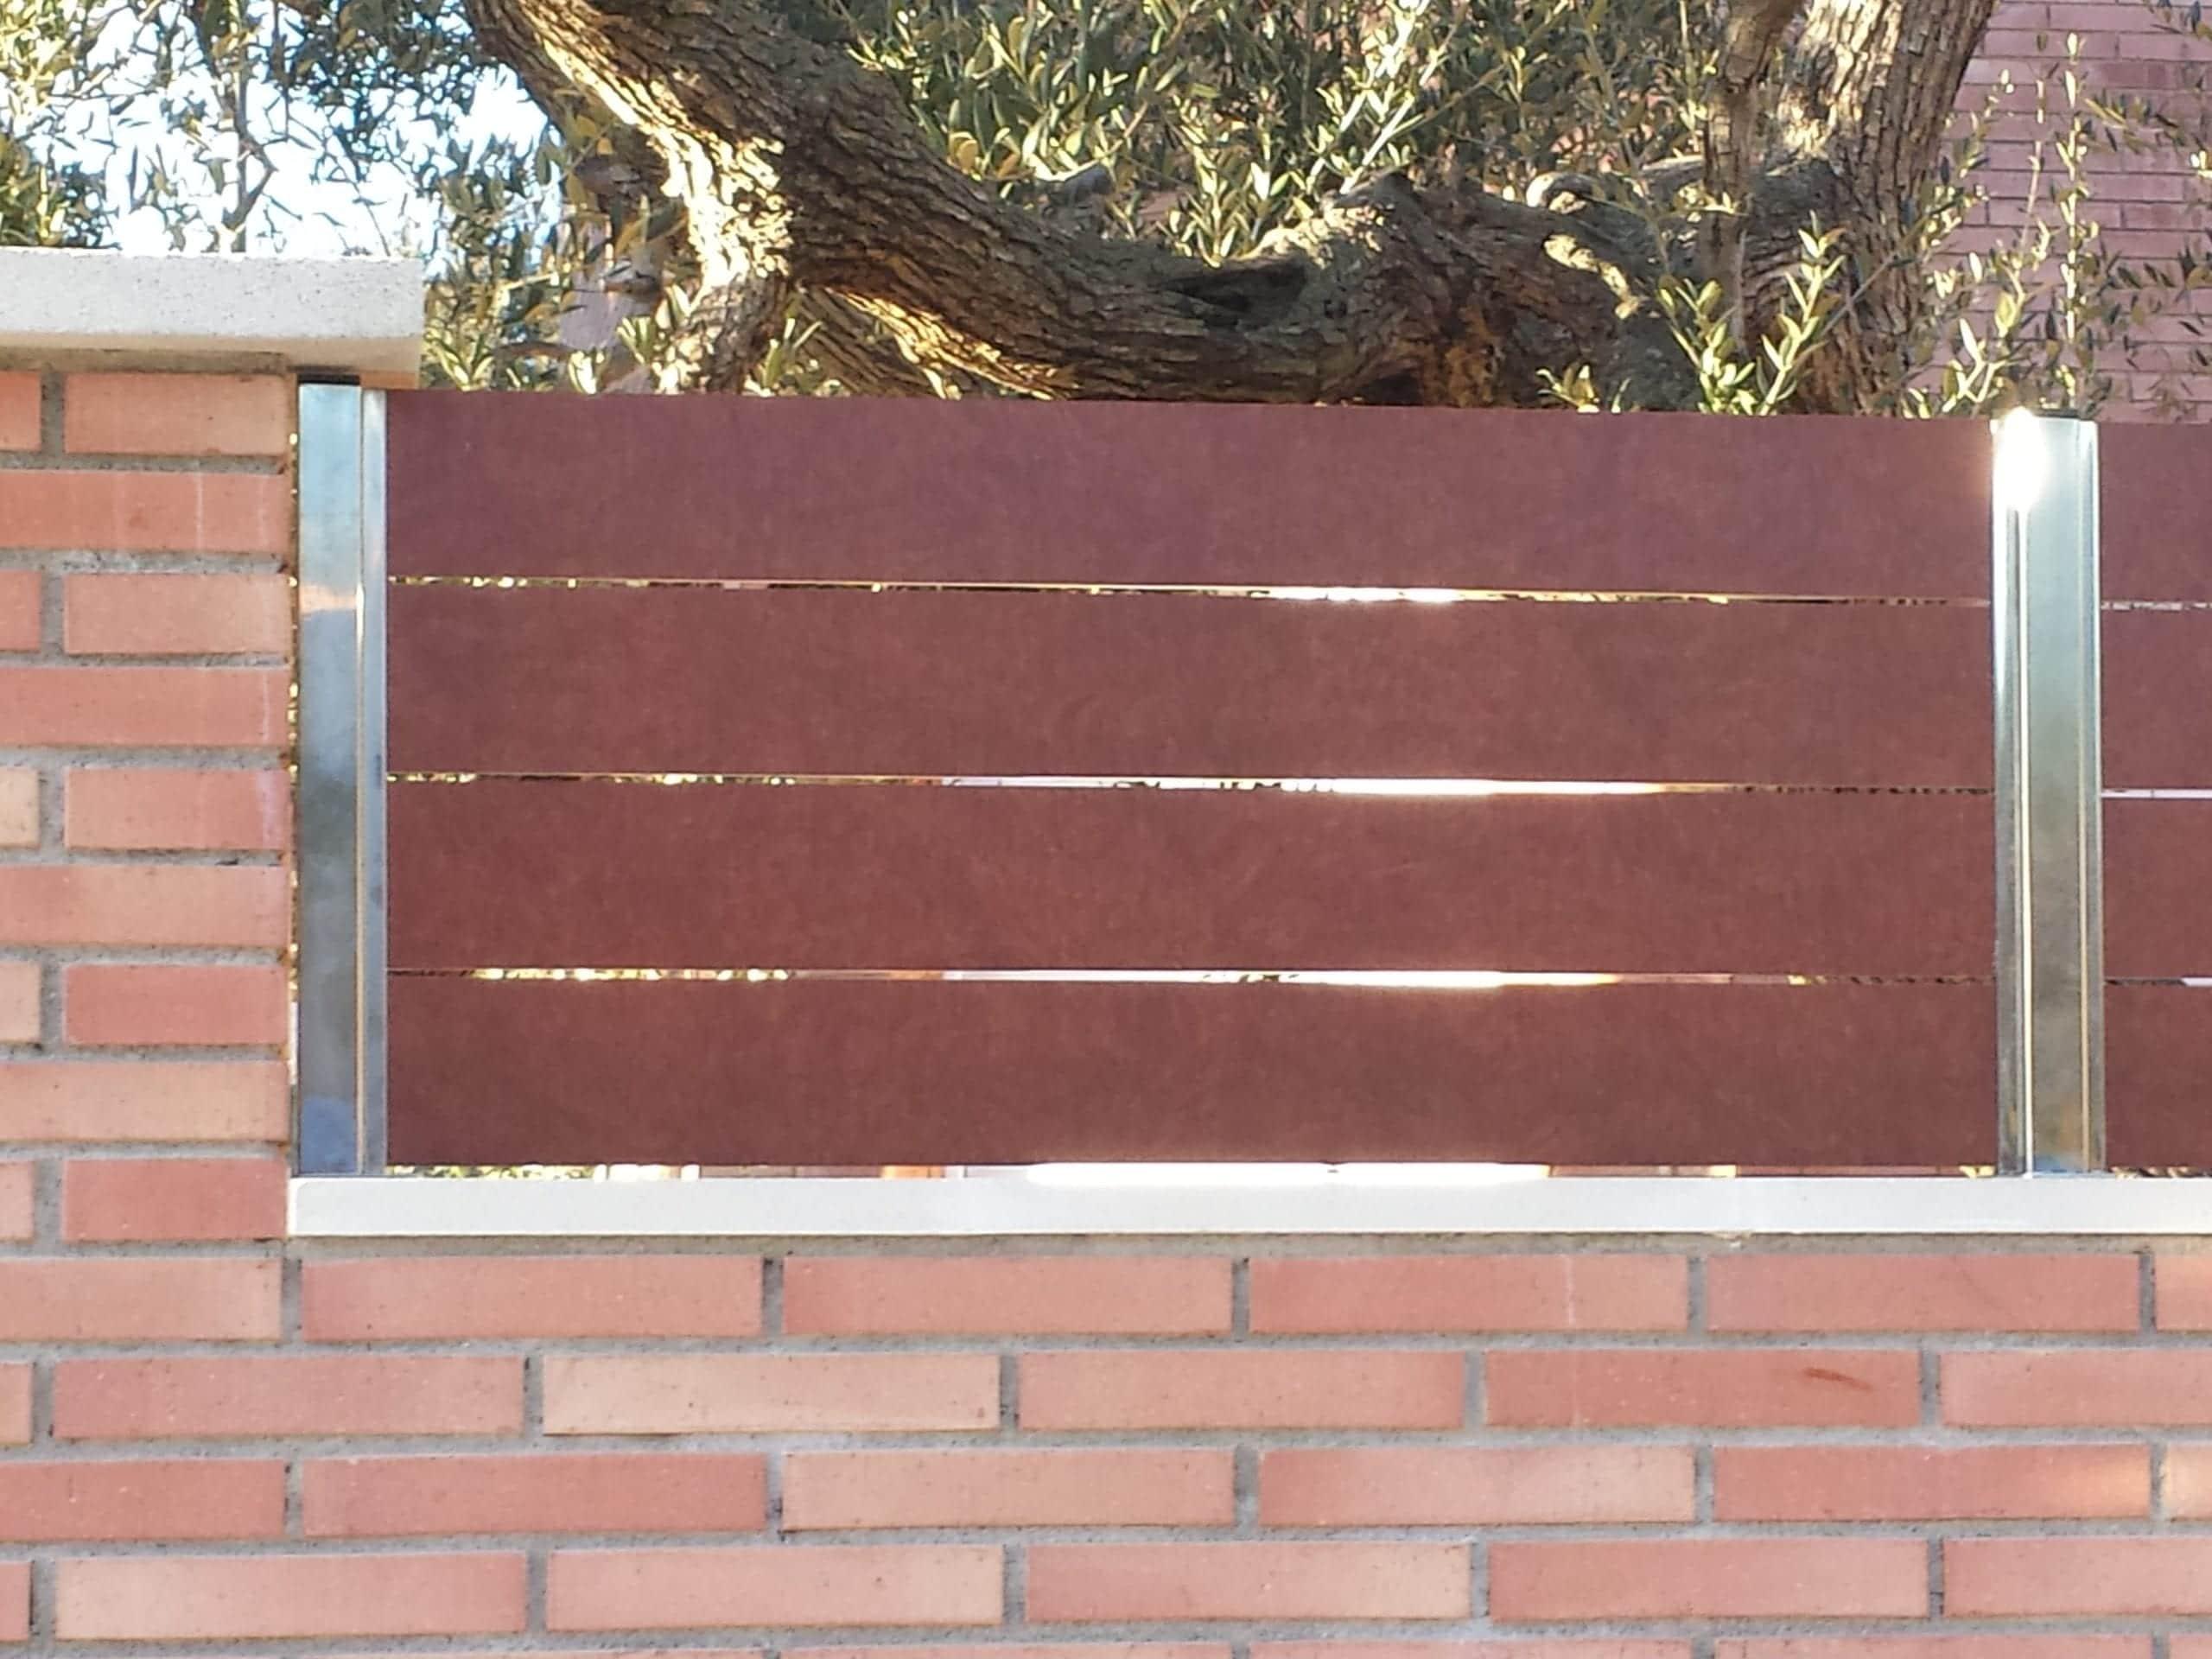 Vinuesa vallas cercados lamas imitaci n madera compacto fenolico vinuesa vallas cercados - Cierres de madera para fincas ...